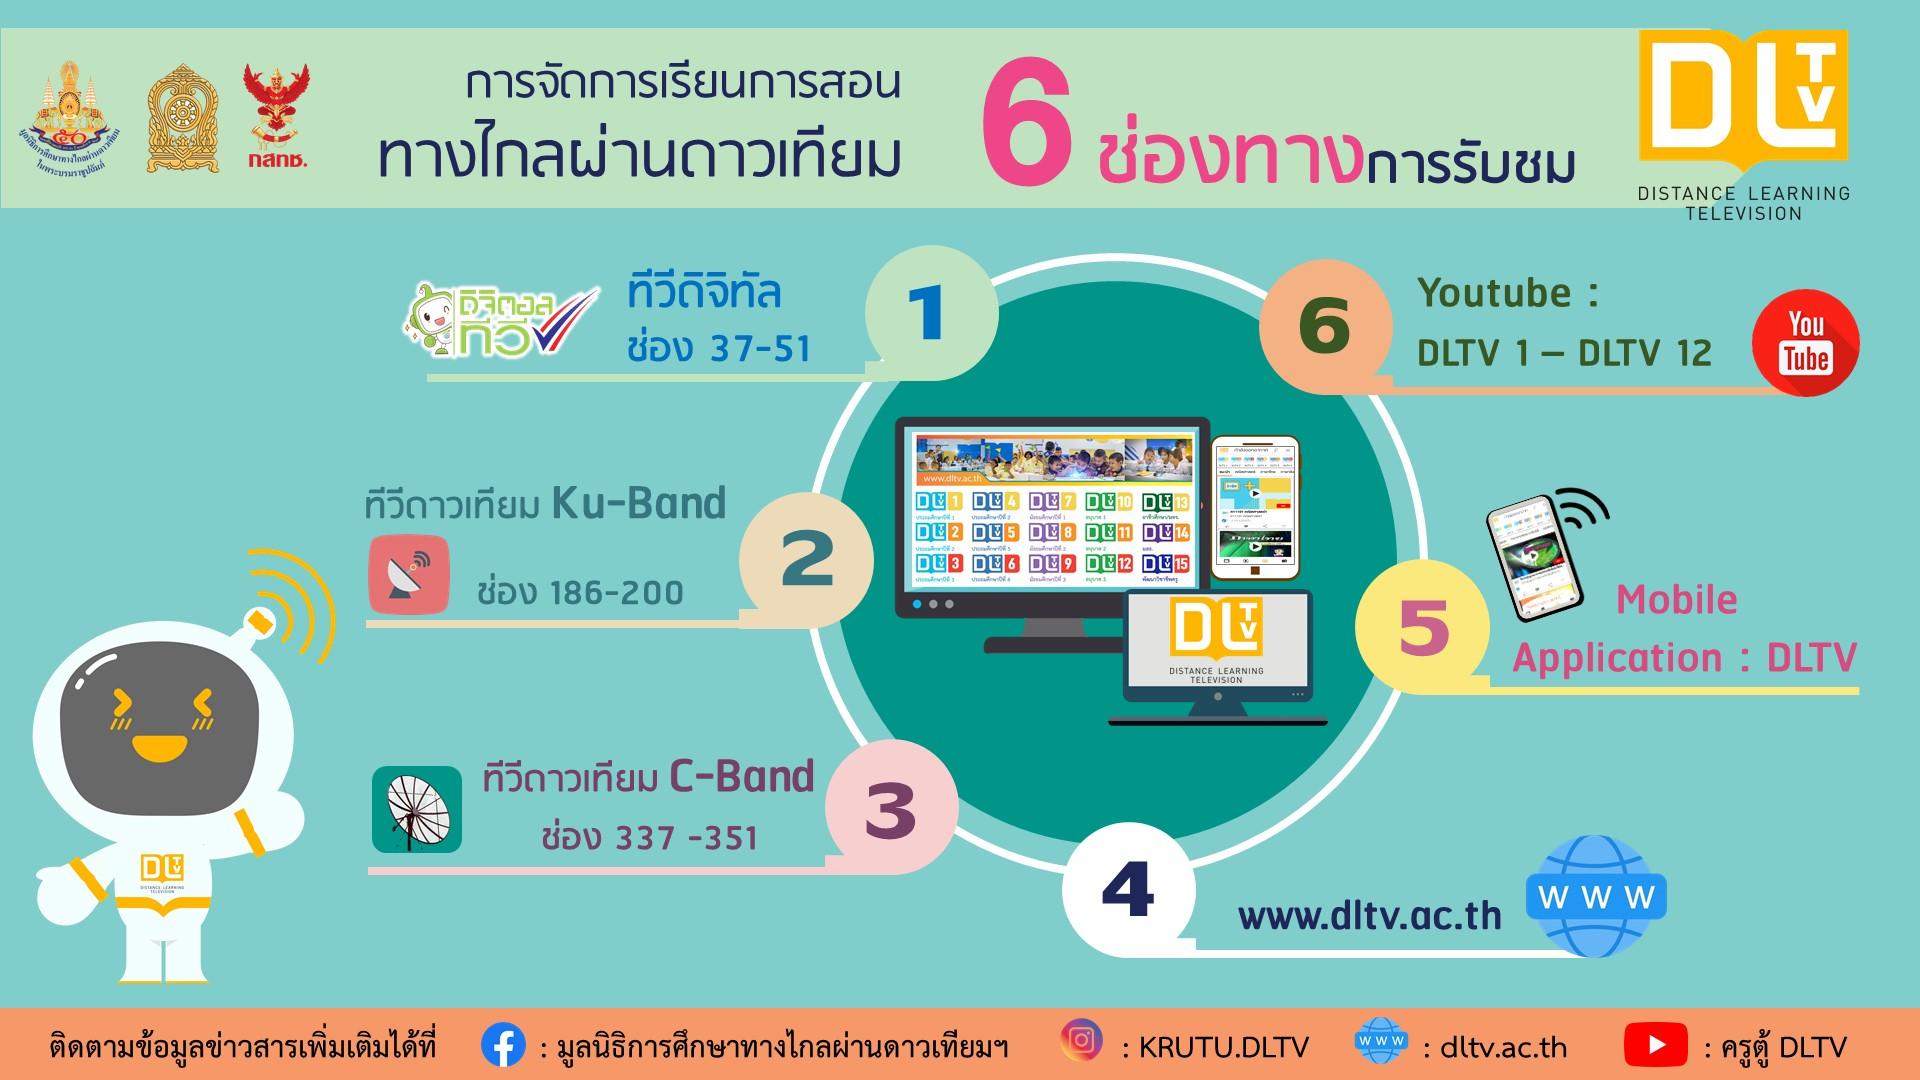 6 ช่องทางการรับชม